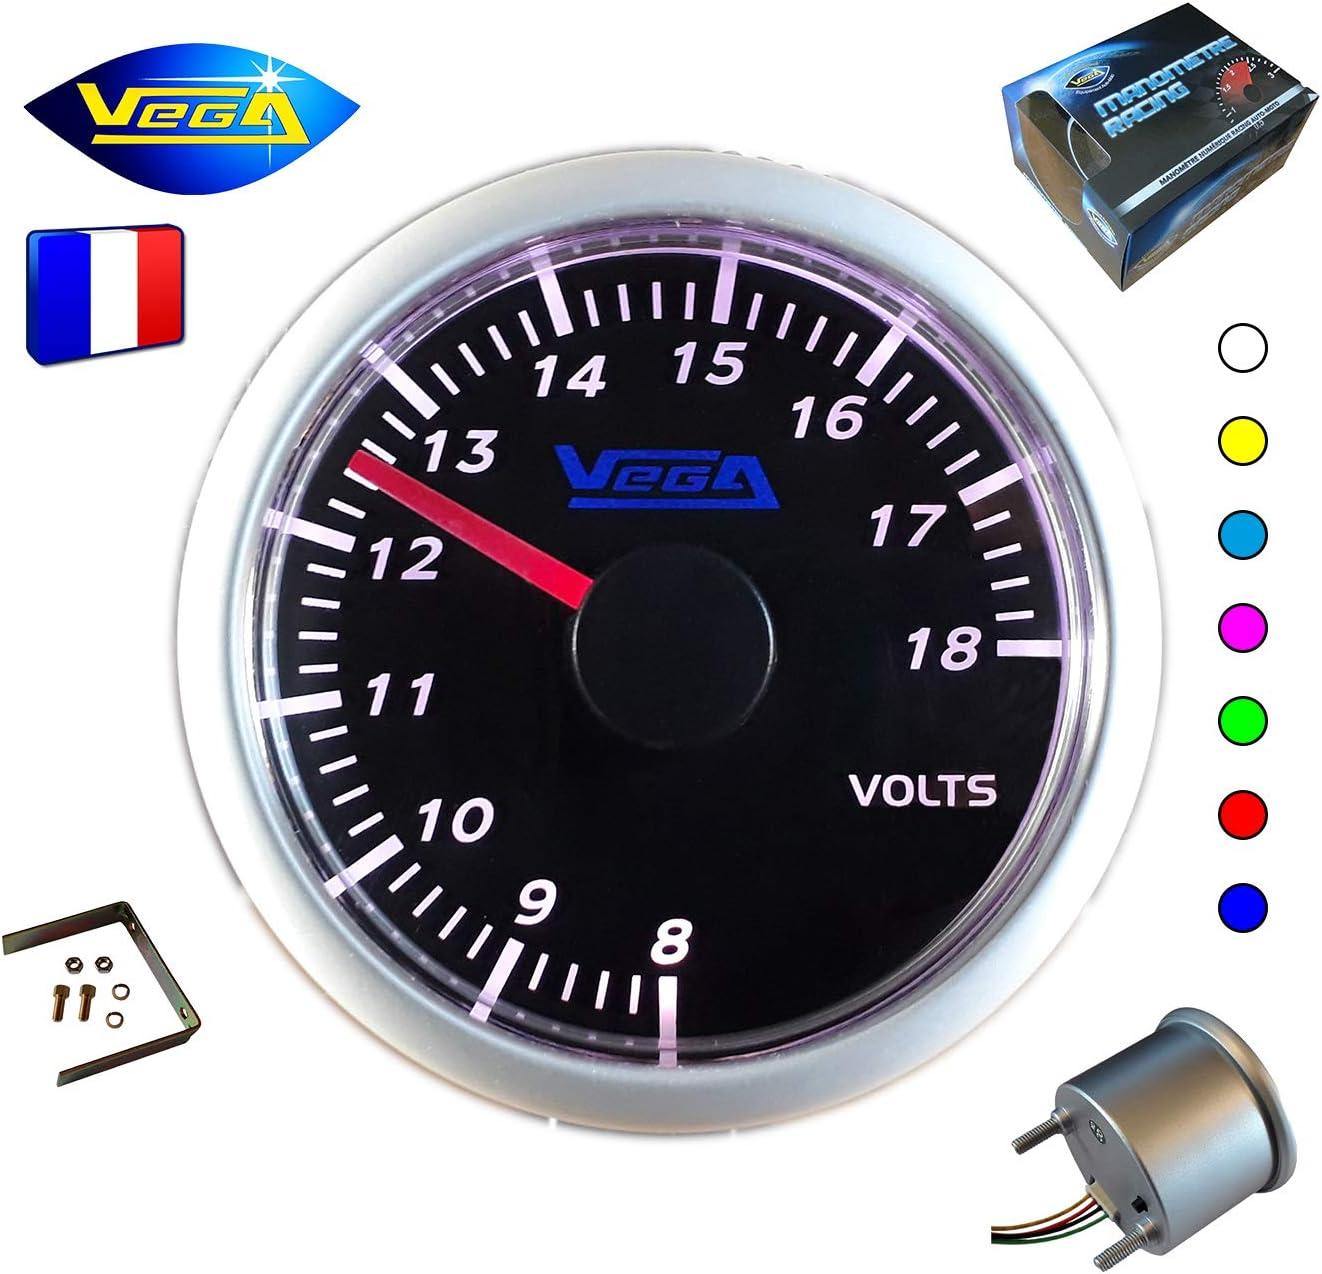 VEGA Manom/ètre Voltm/ètre 8 /à 18V Affichage 7 Couleurs Changement Tactile 52 mm Marque Fran/çaise